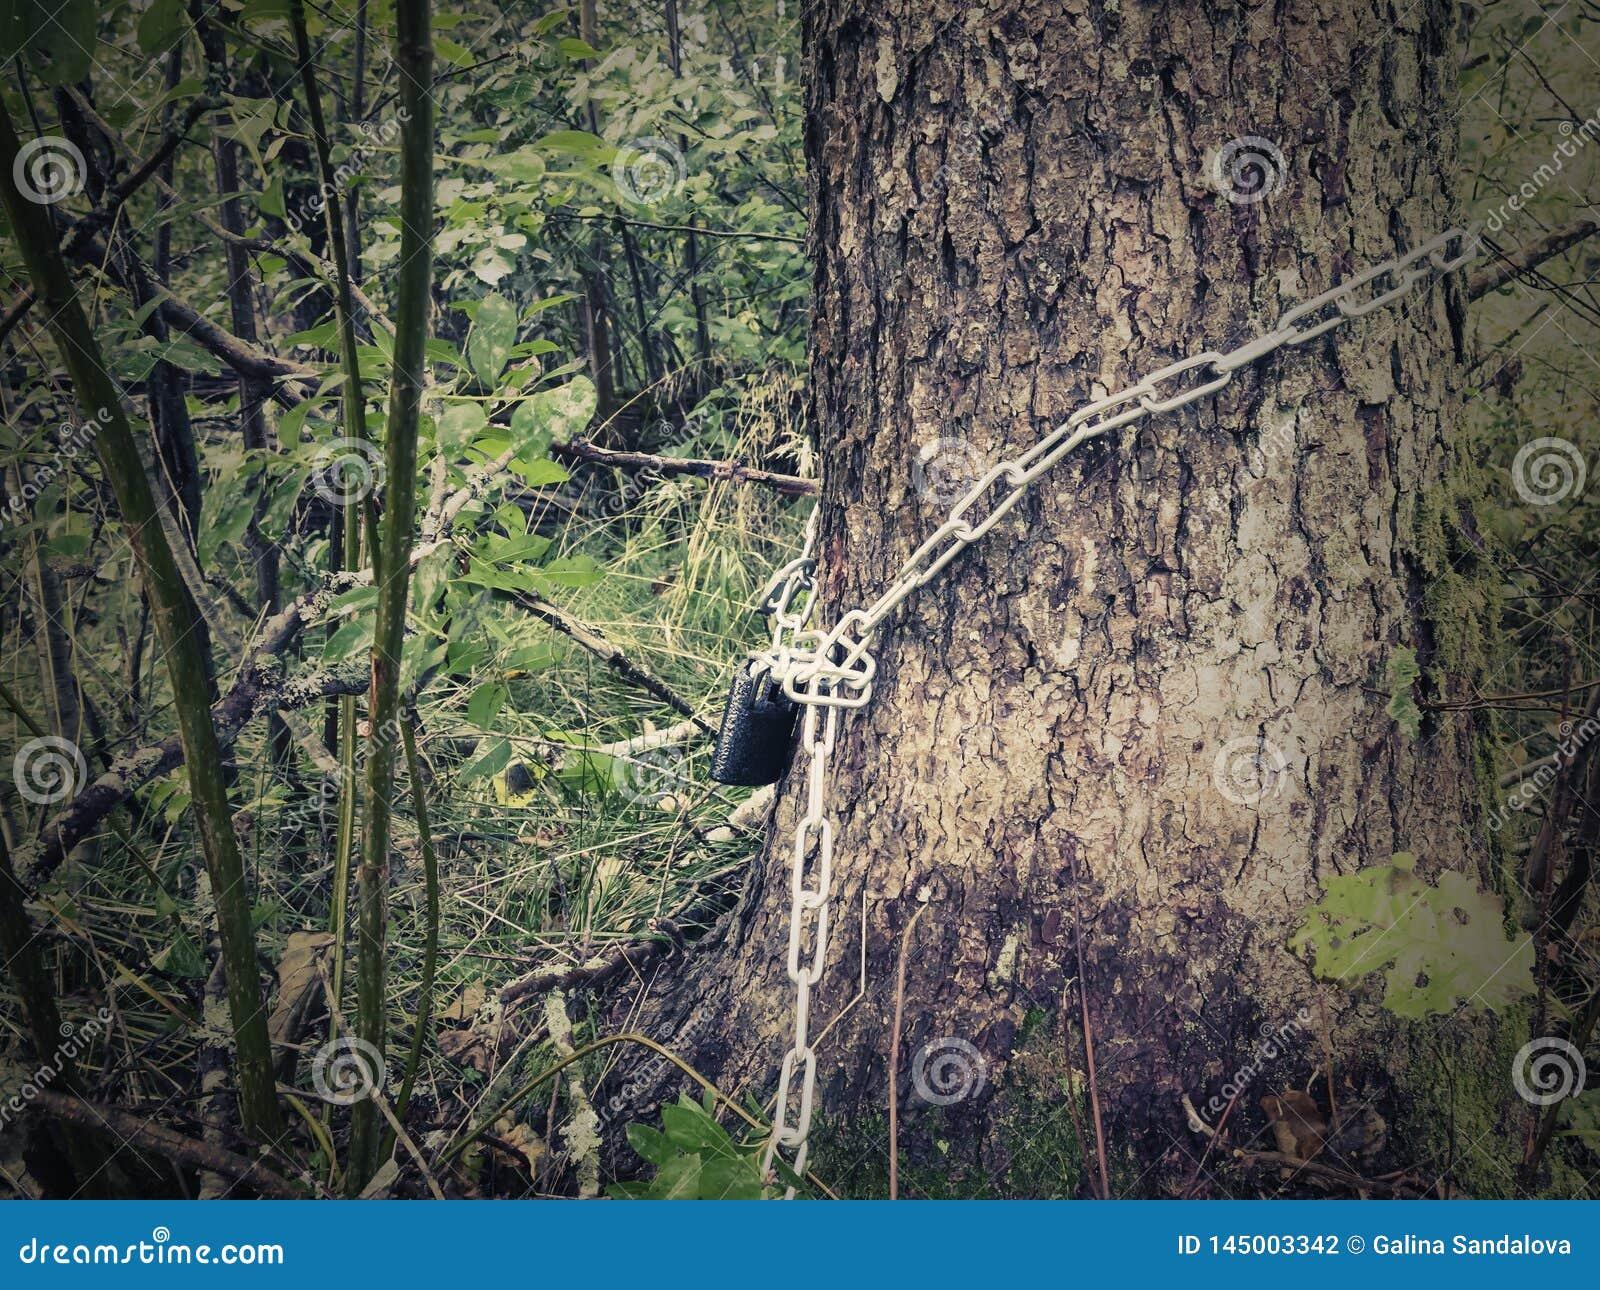 包裹在树干附近,链子是闭合的与挂锁-禁伐林和自然,照片的概念